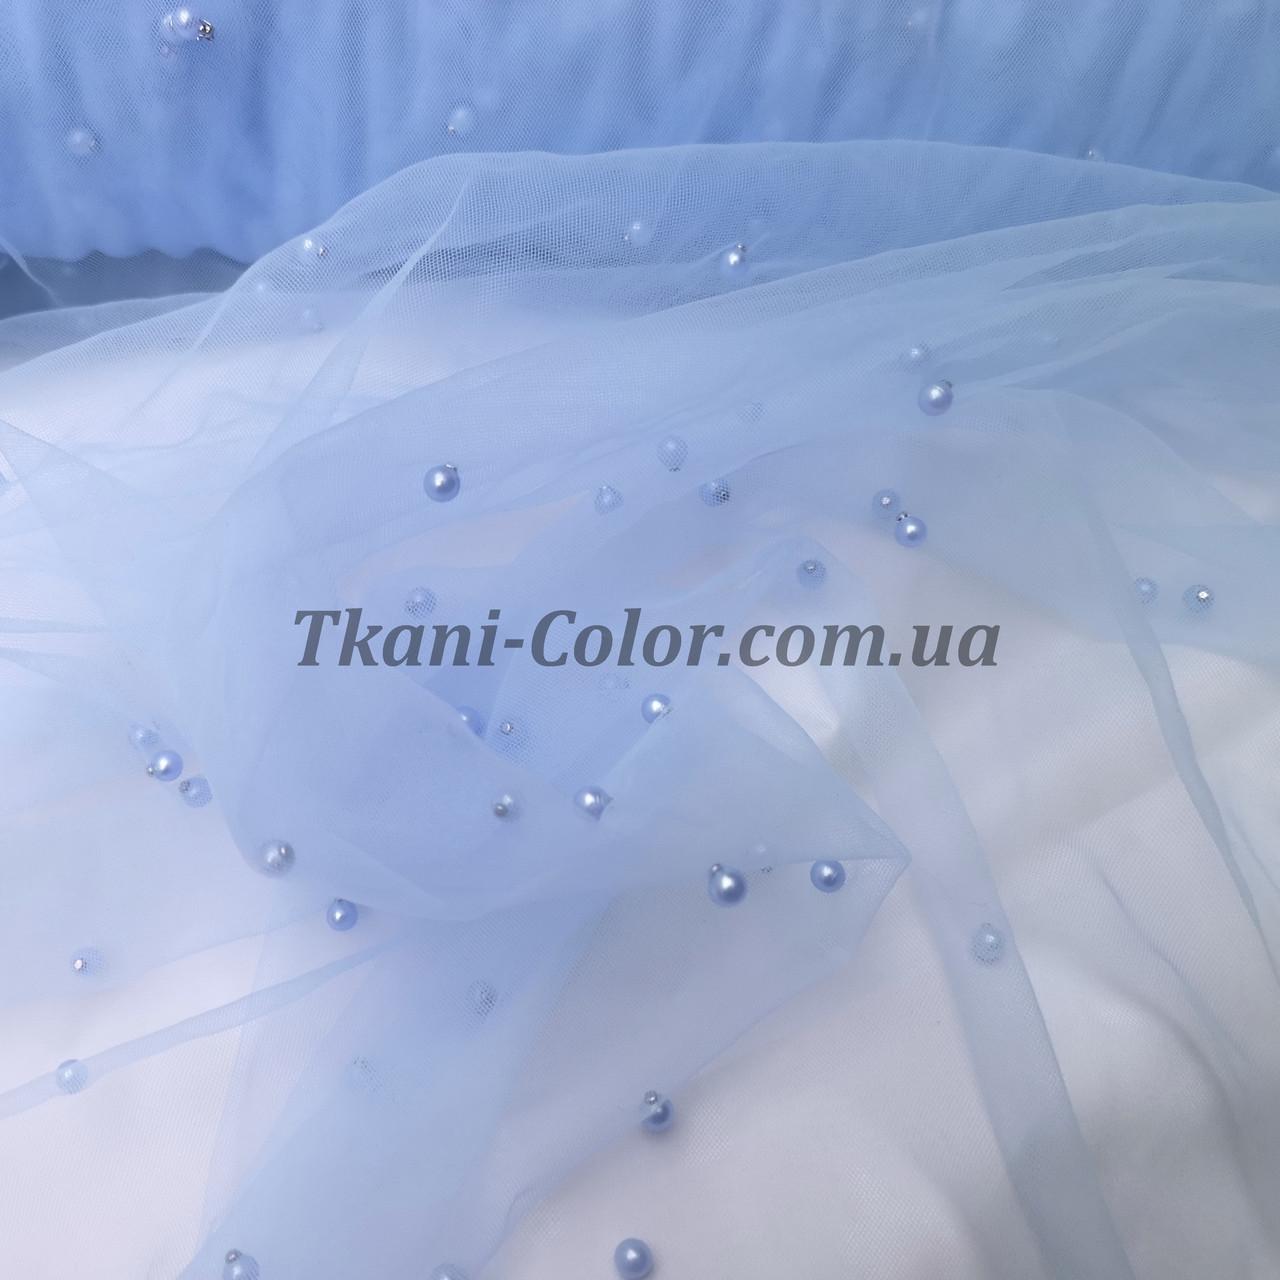 Ткань сетка с бусинами голубая